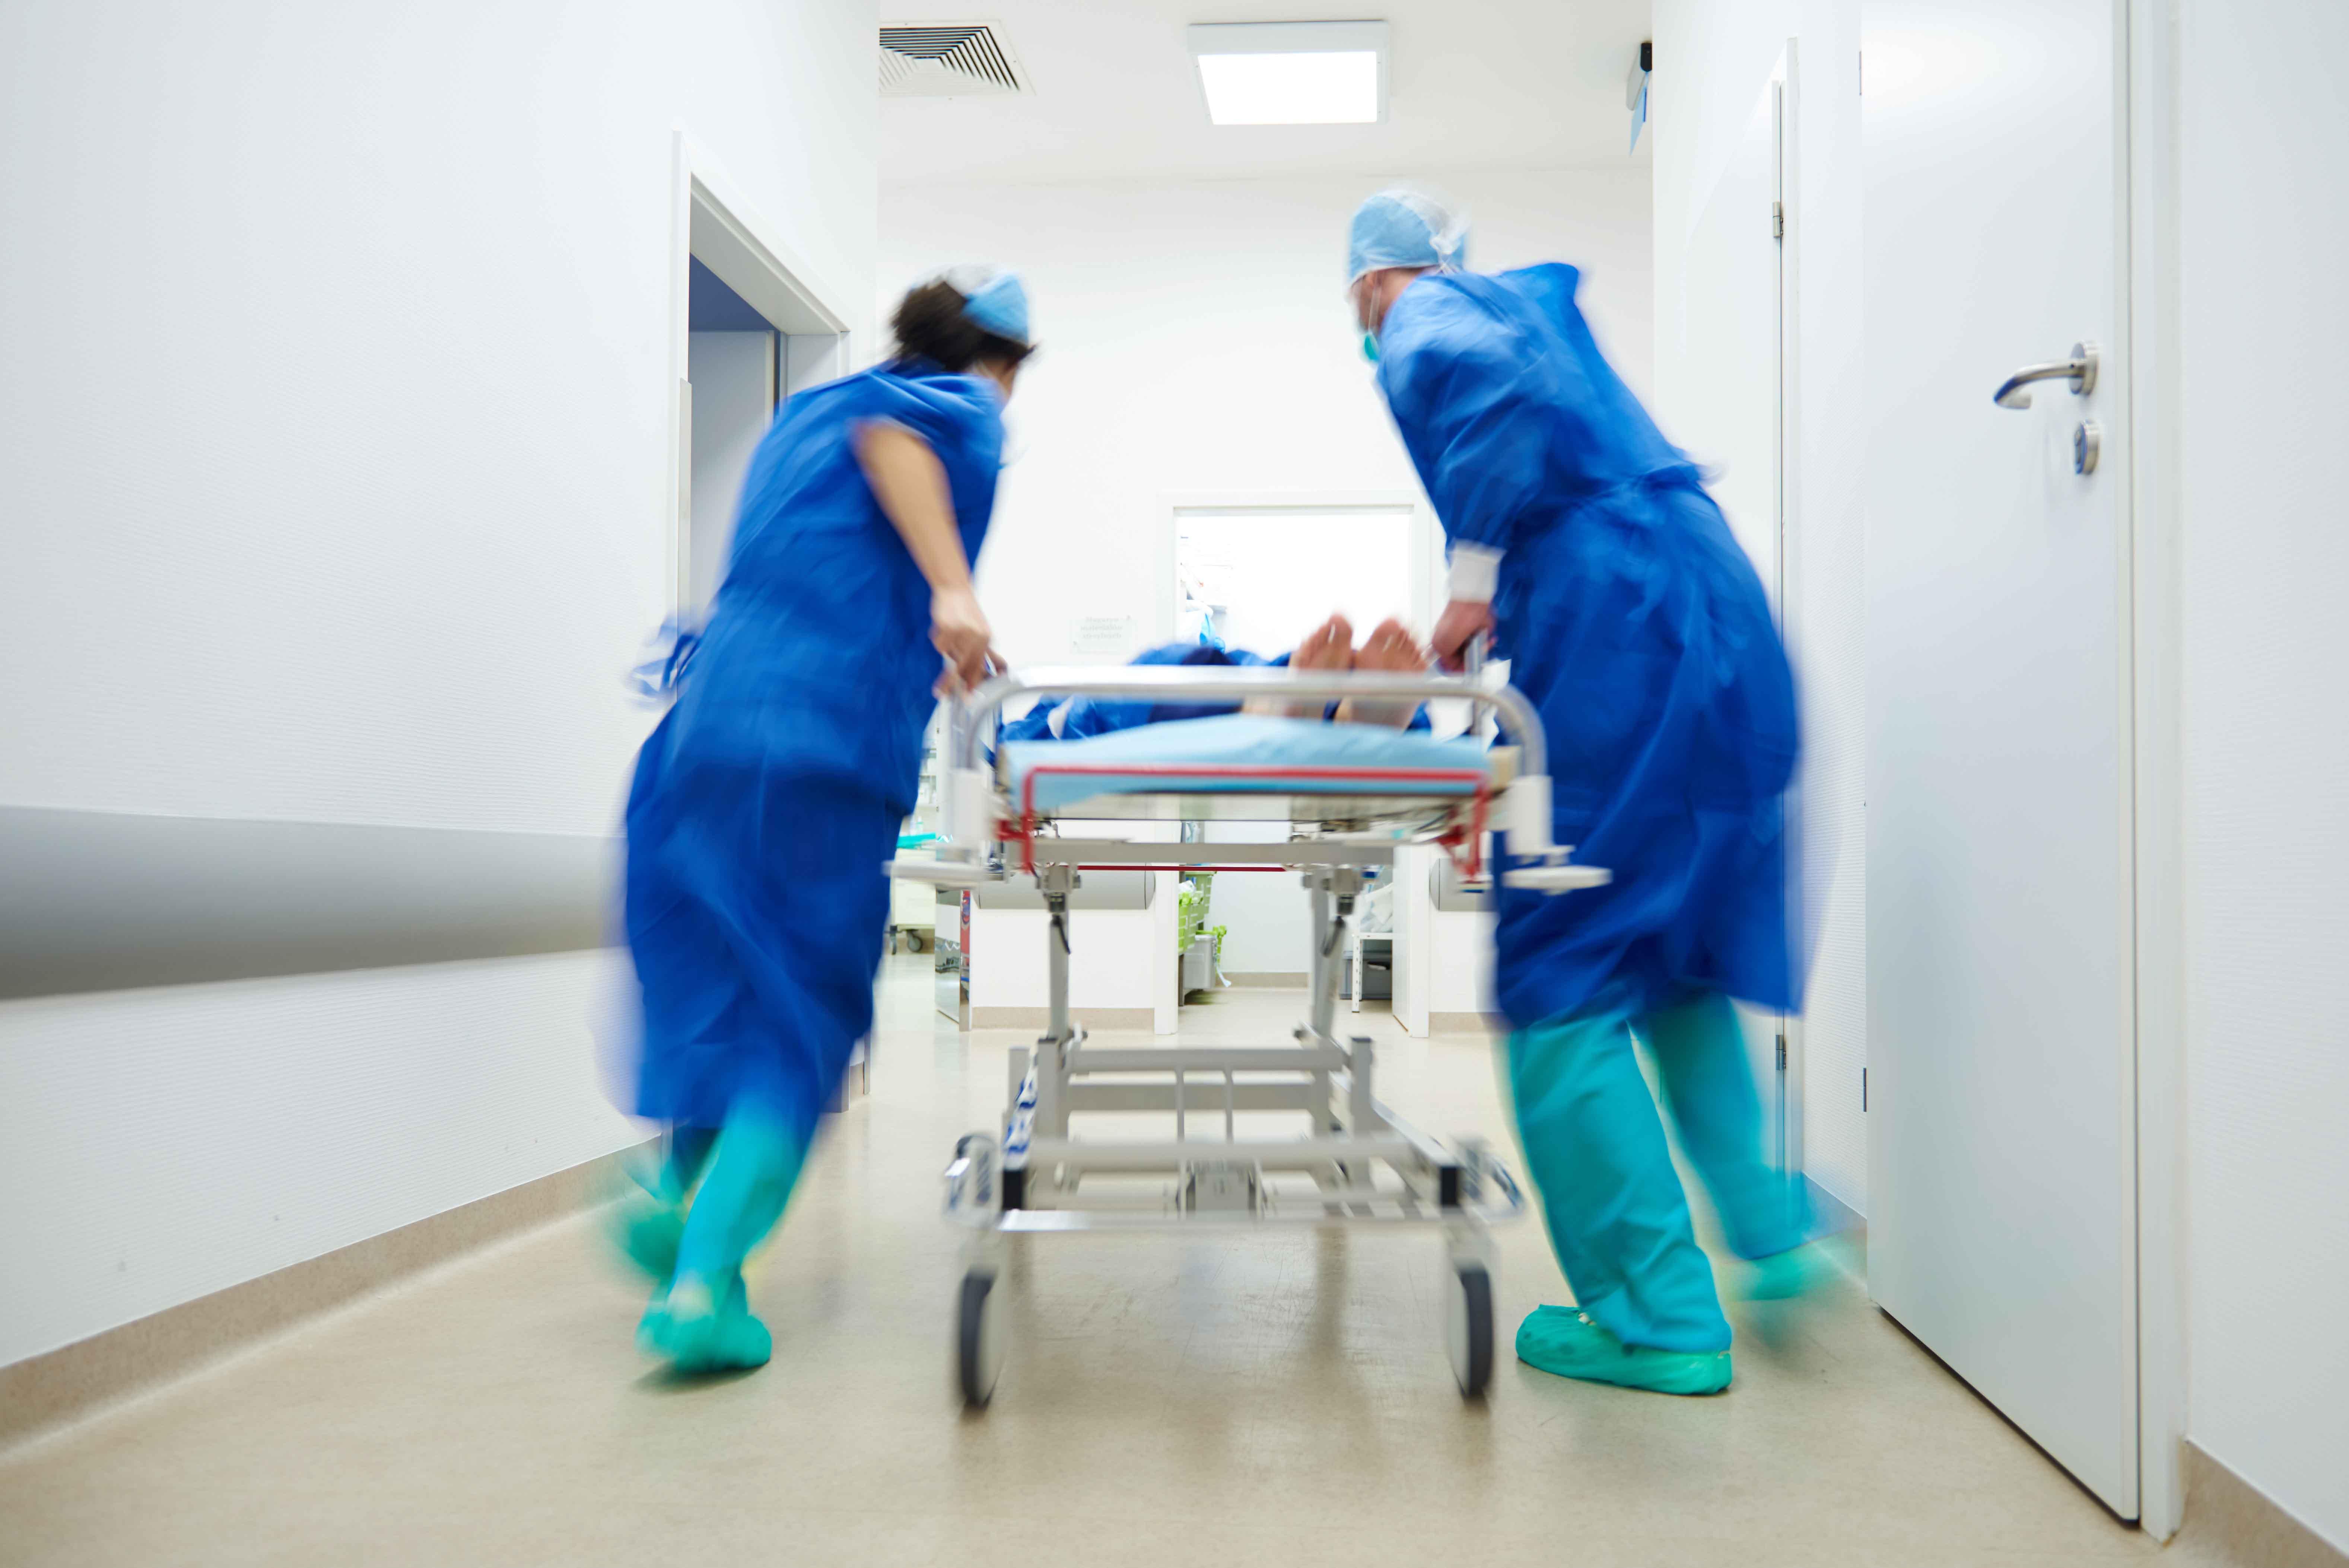 Doctores llevando paciente en camilla por pasillo